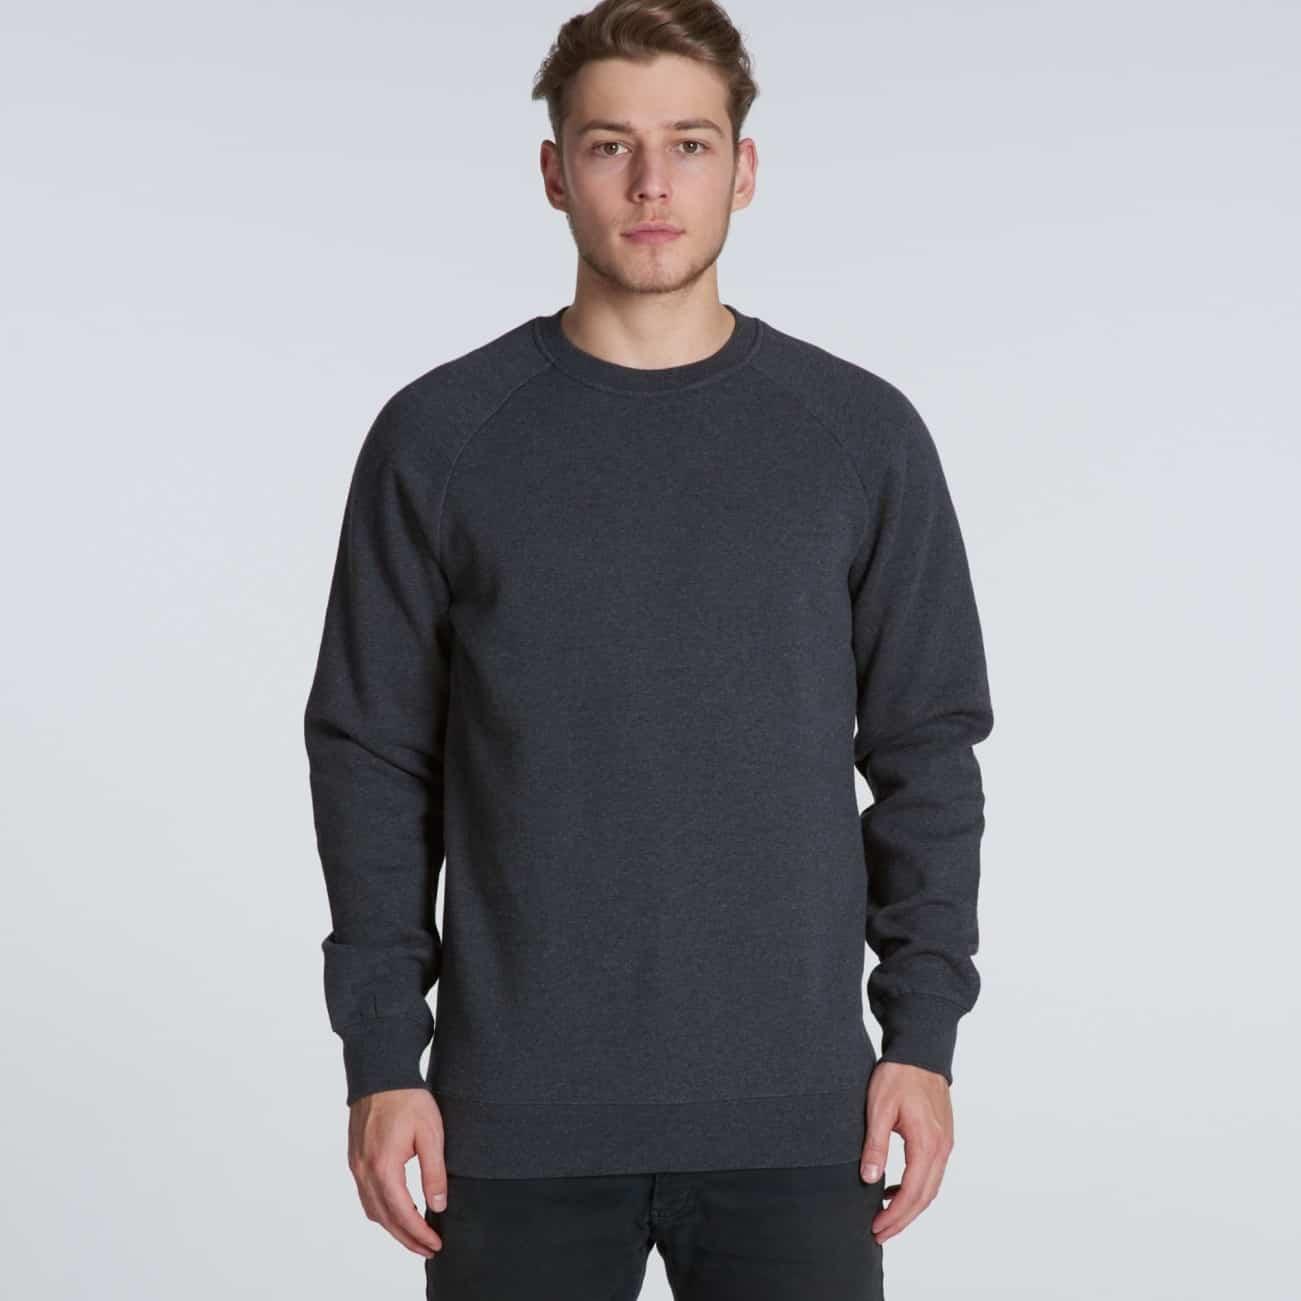 T Shirt Print On Demand Australia